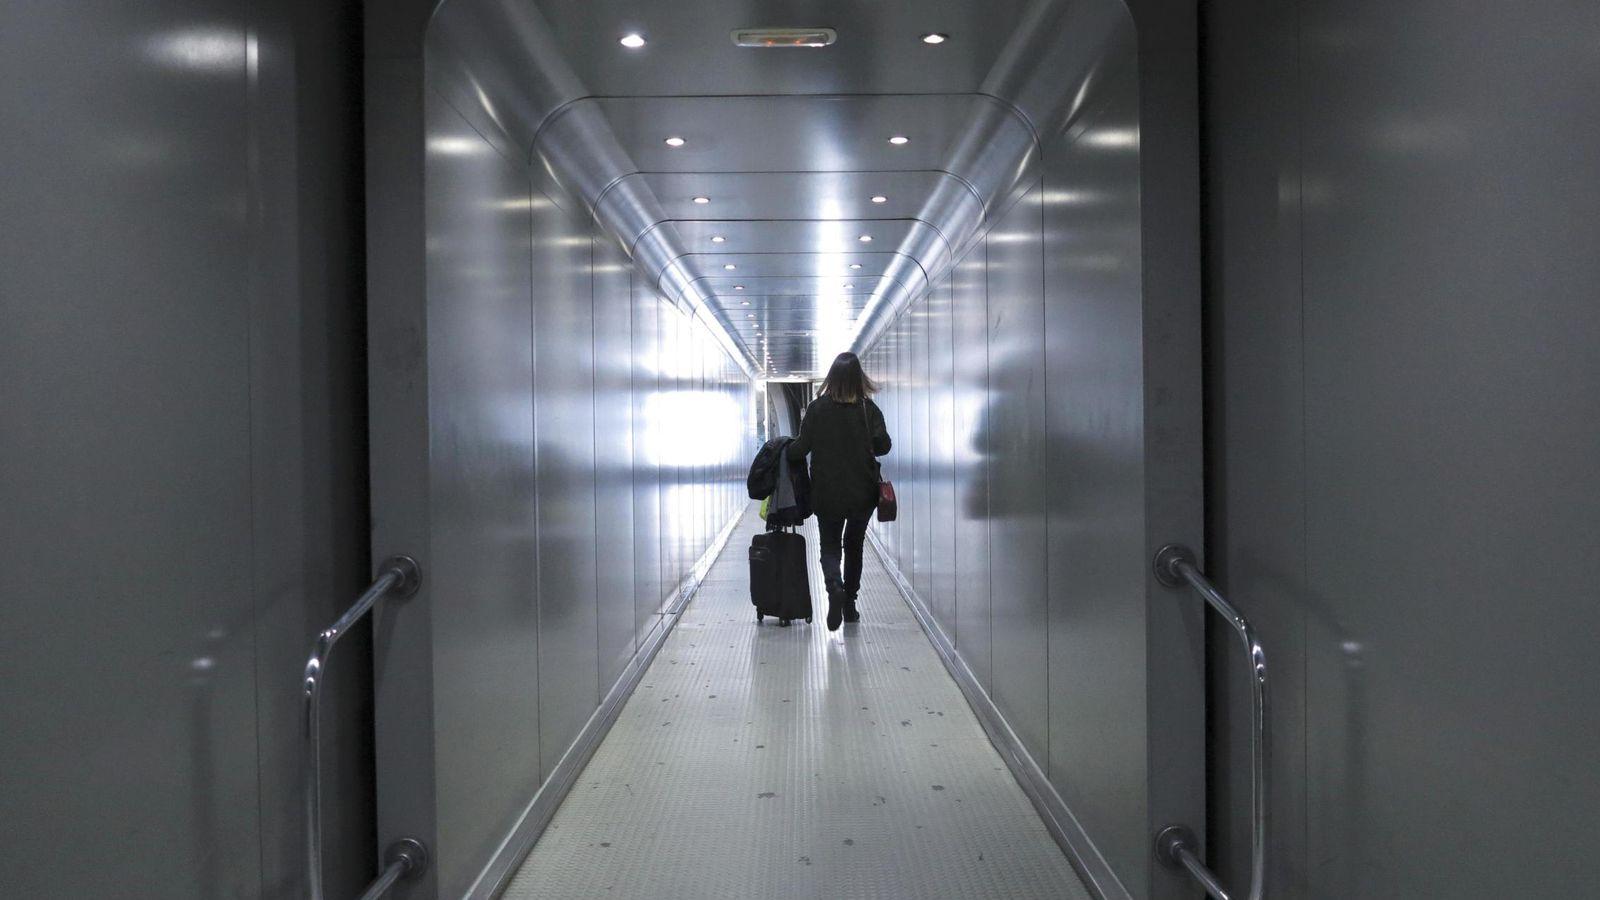 Foto: 4.000 millones buscan destino: el trimestre con más vencimientos en garantizados